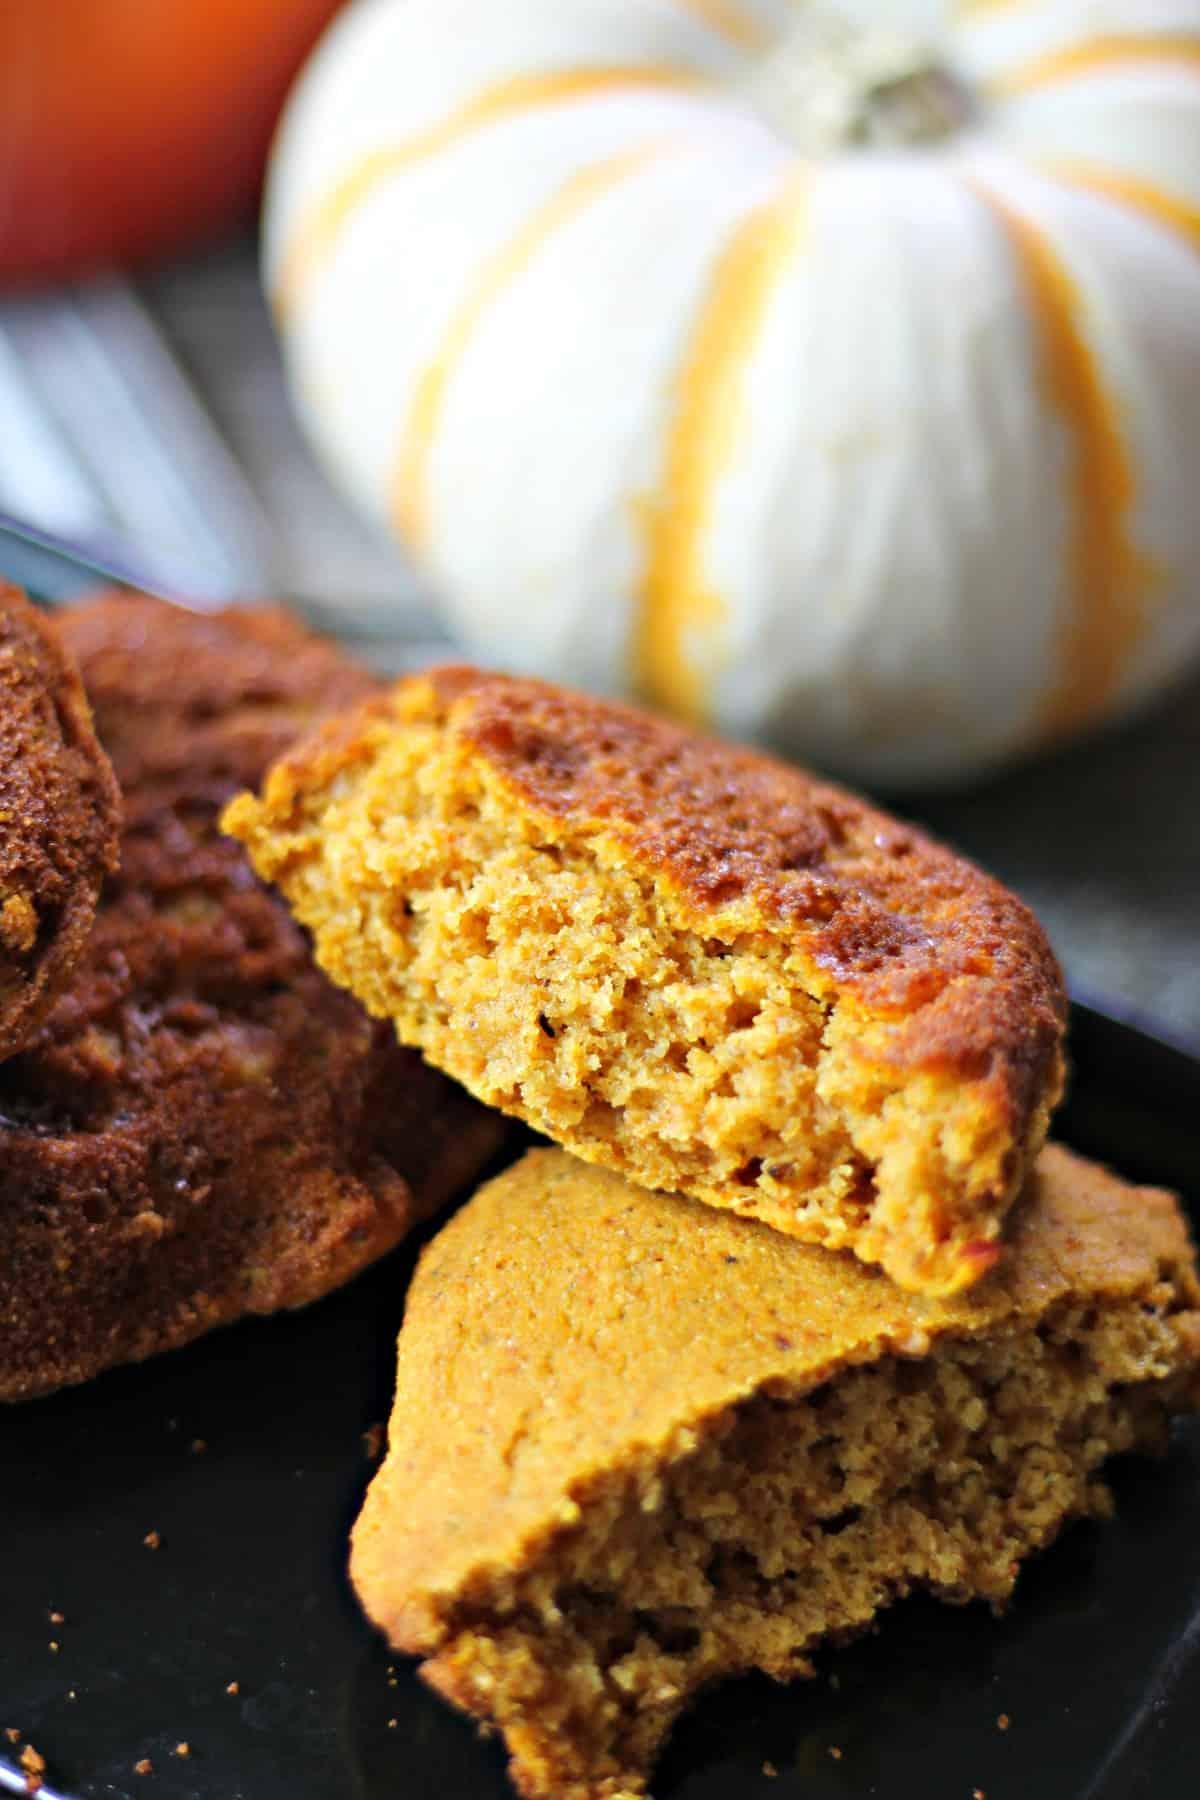 Close up of inside of a piece of Gluten Free Pumpkin Cornbread.